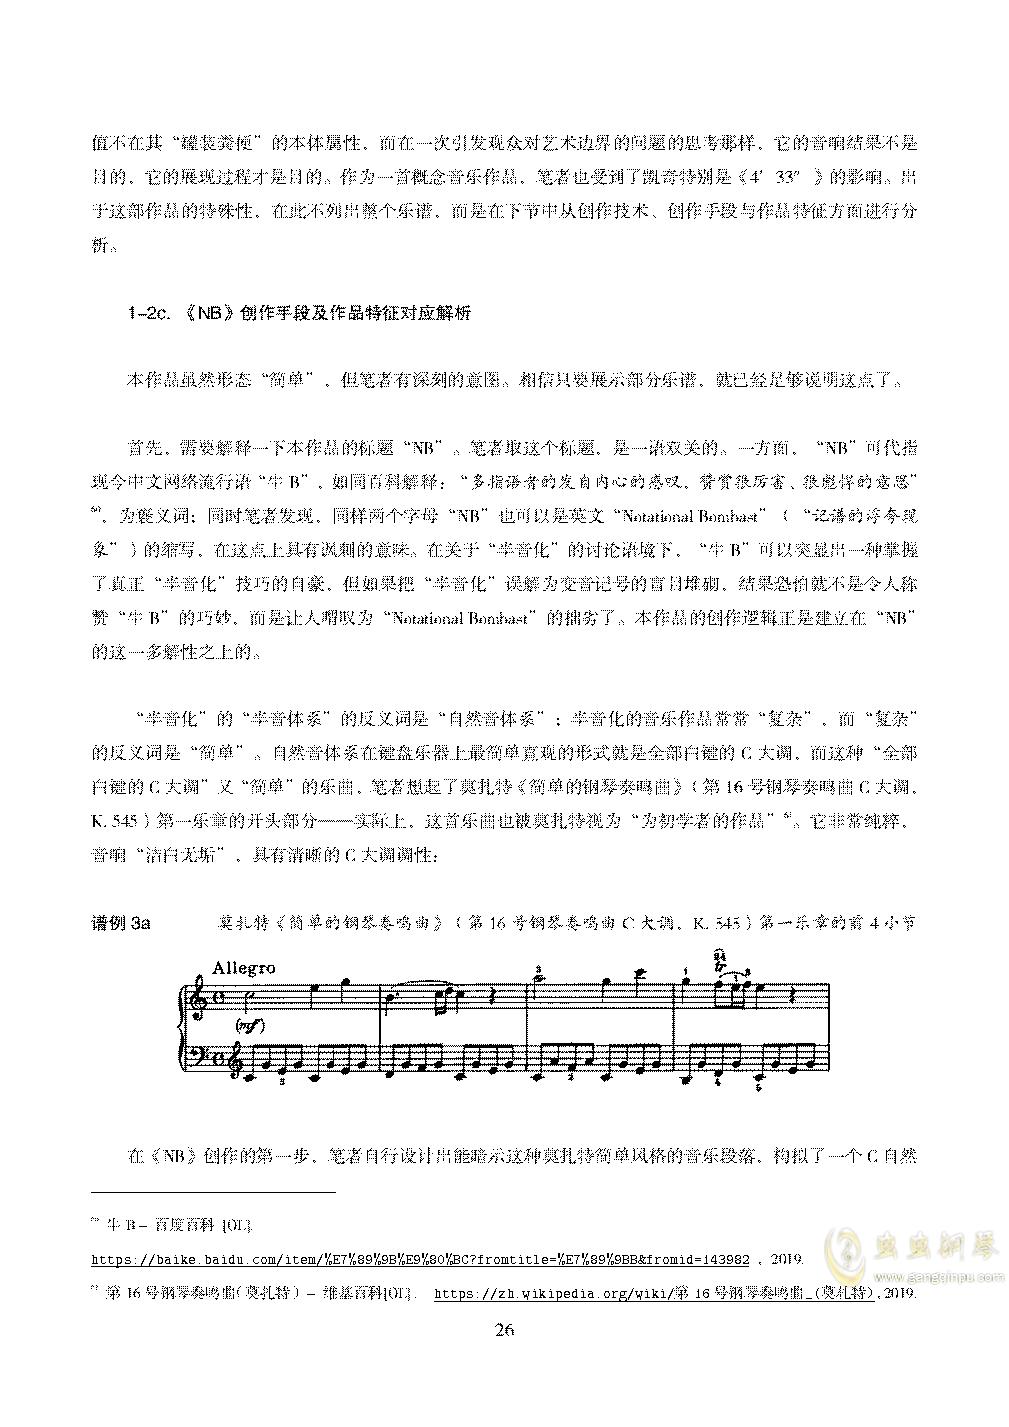 真·硕士论文ag88环亚娱乐谱 第30页